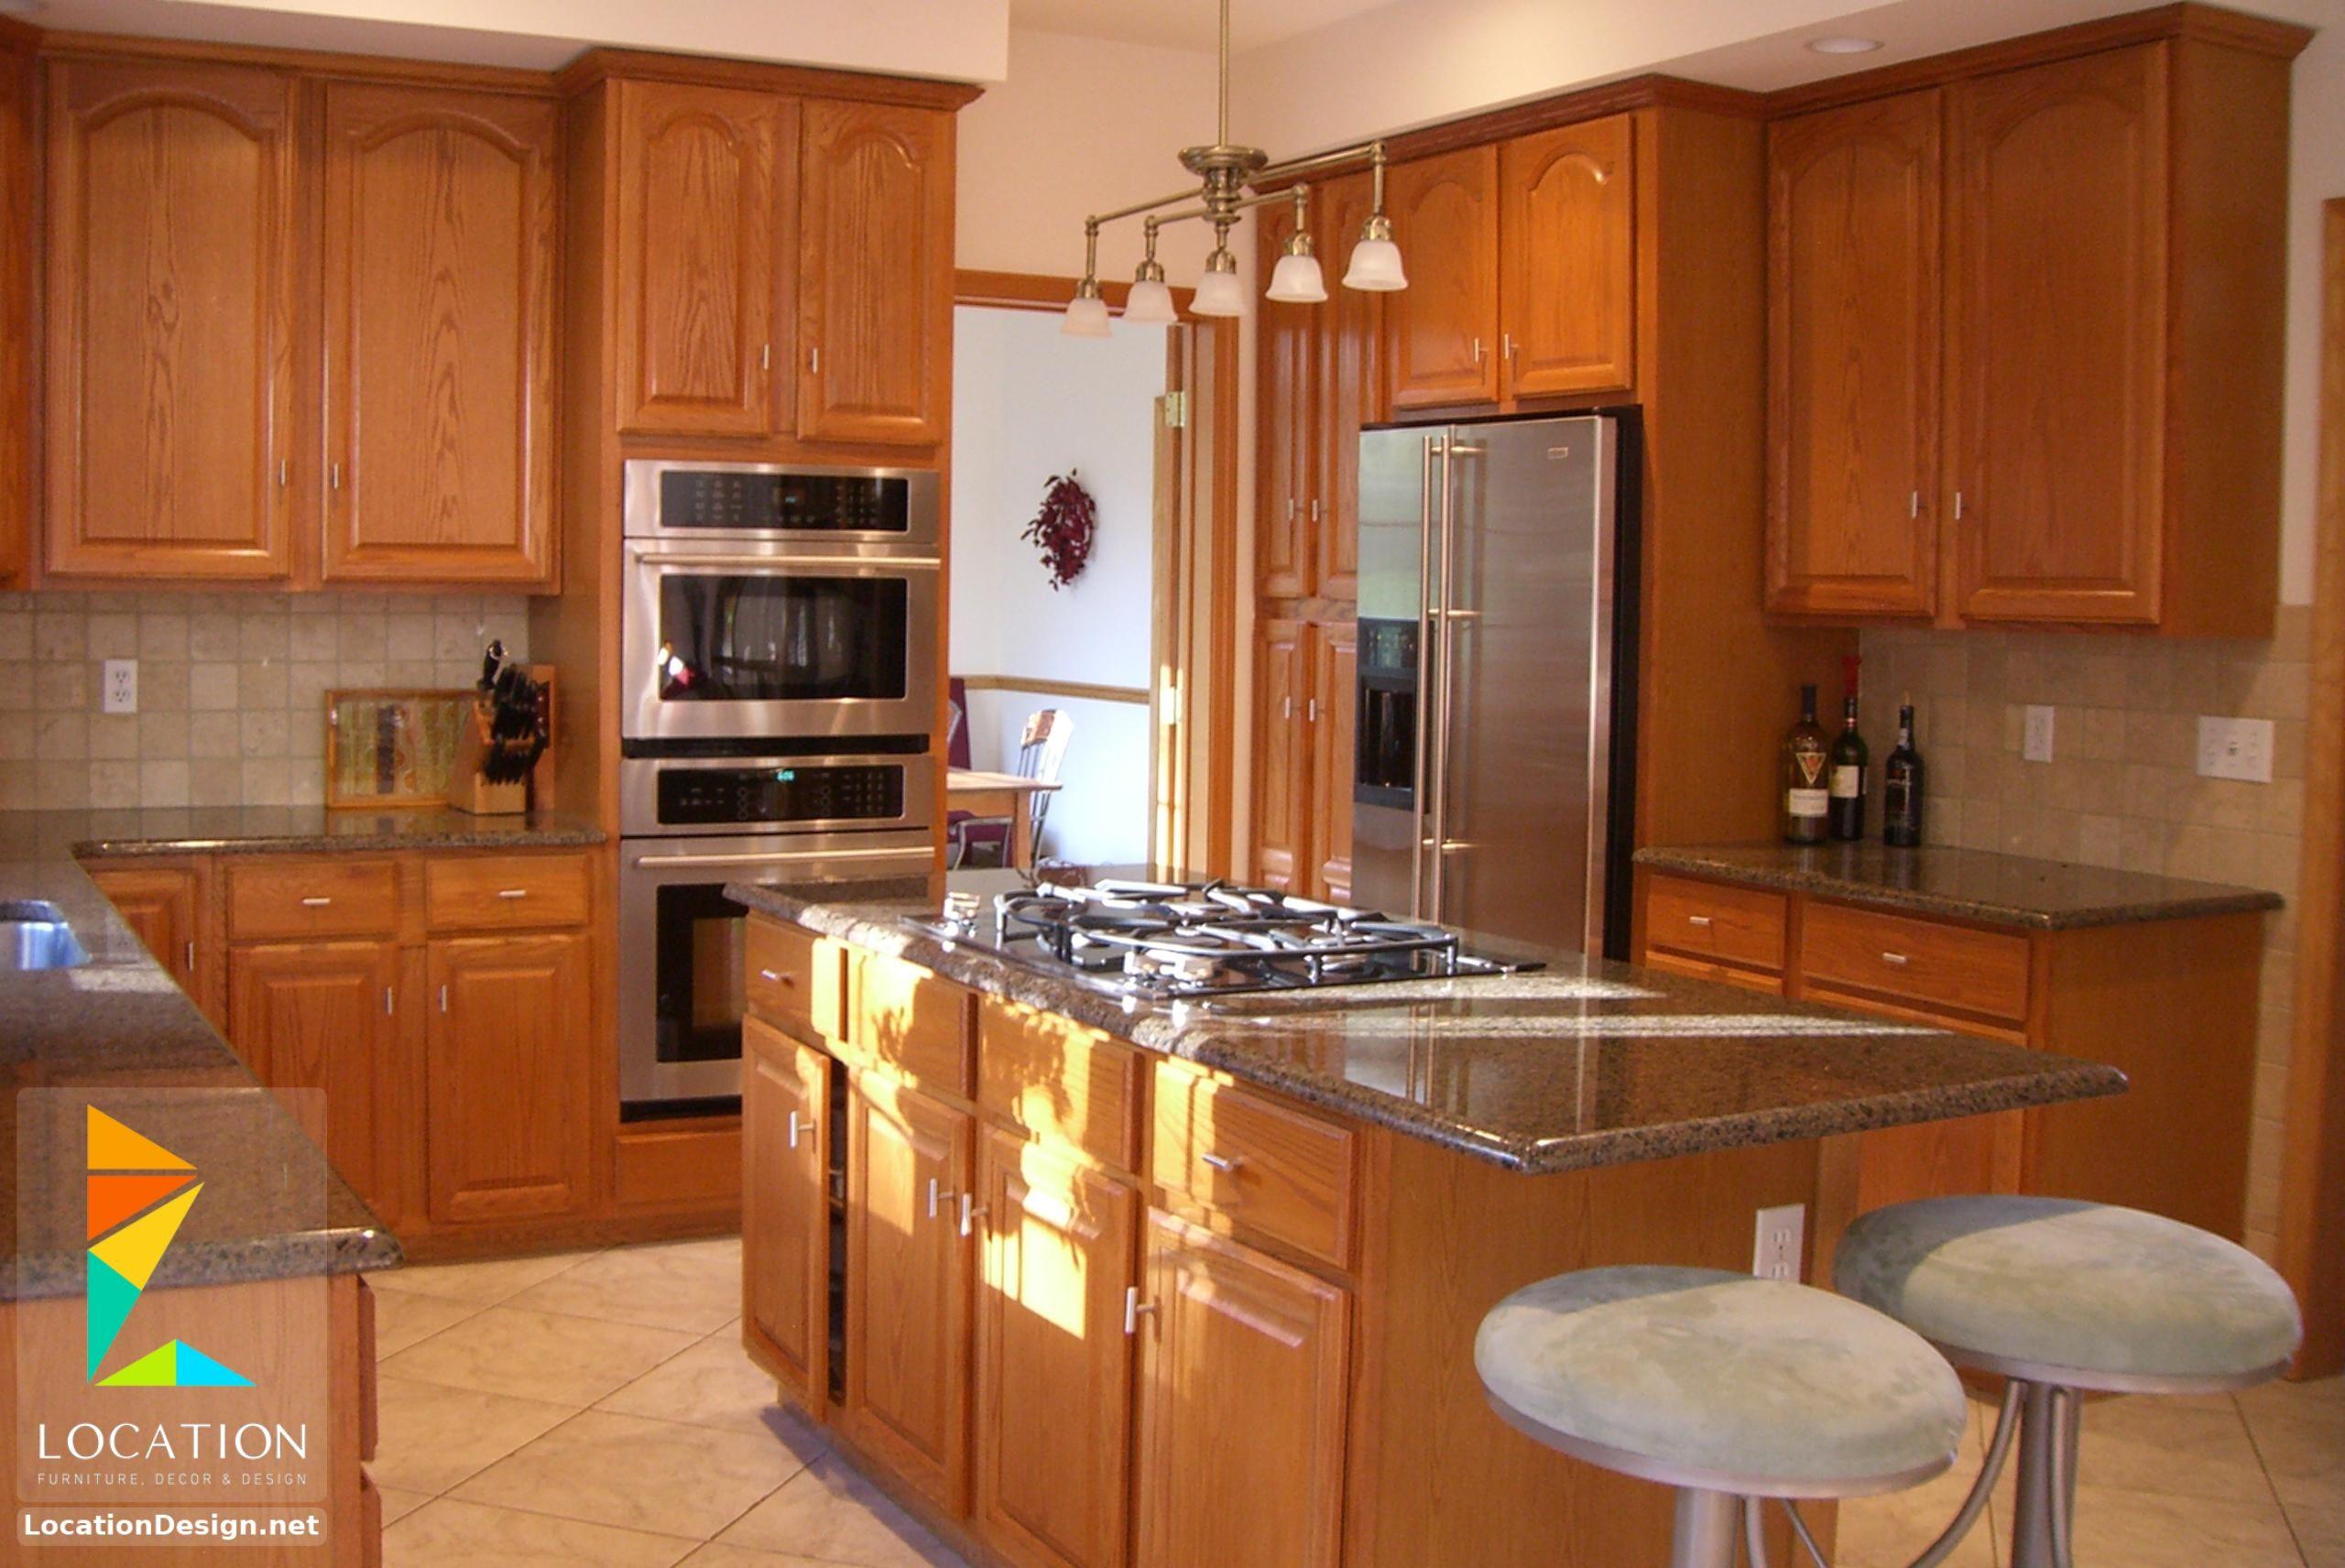 مطابخ خشب صغيرة 2018 2019 لوكشين ديزين نت Small Kitchen Layouts Traditional Kitchen Design Interior Design Kitchen